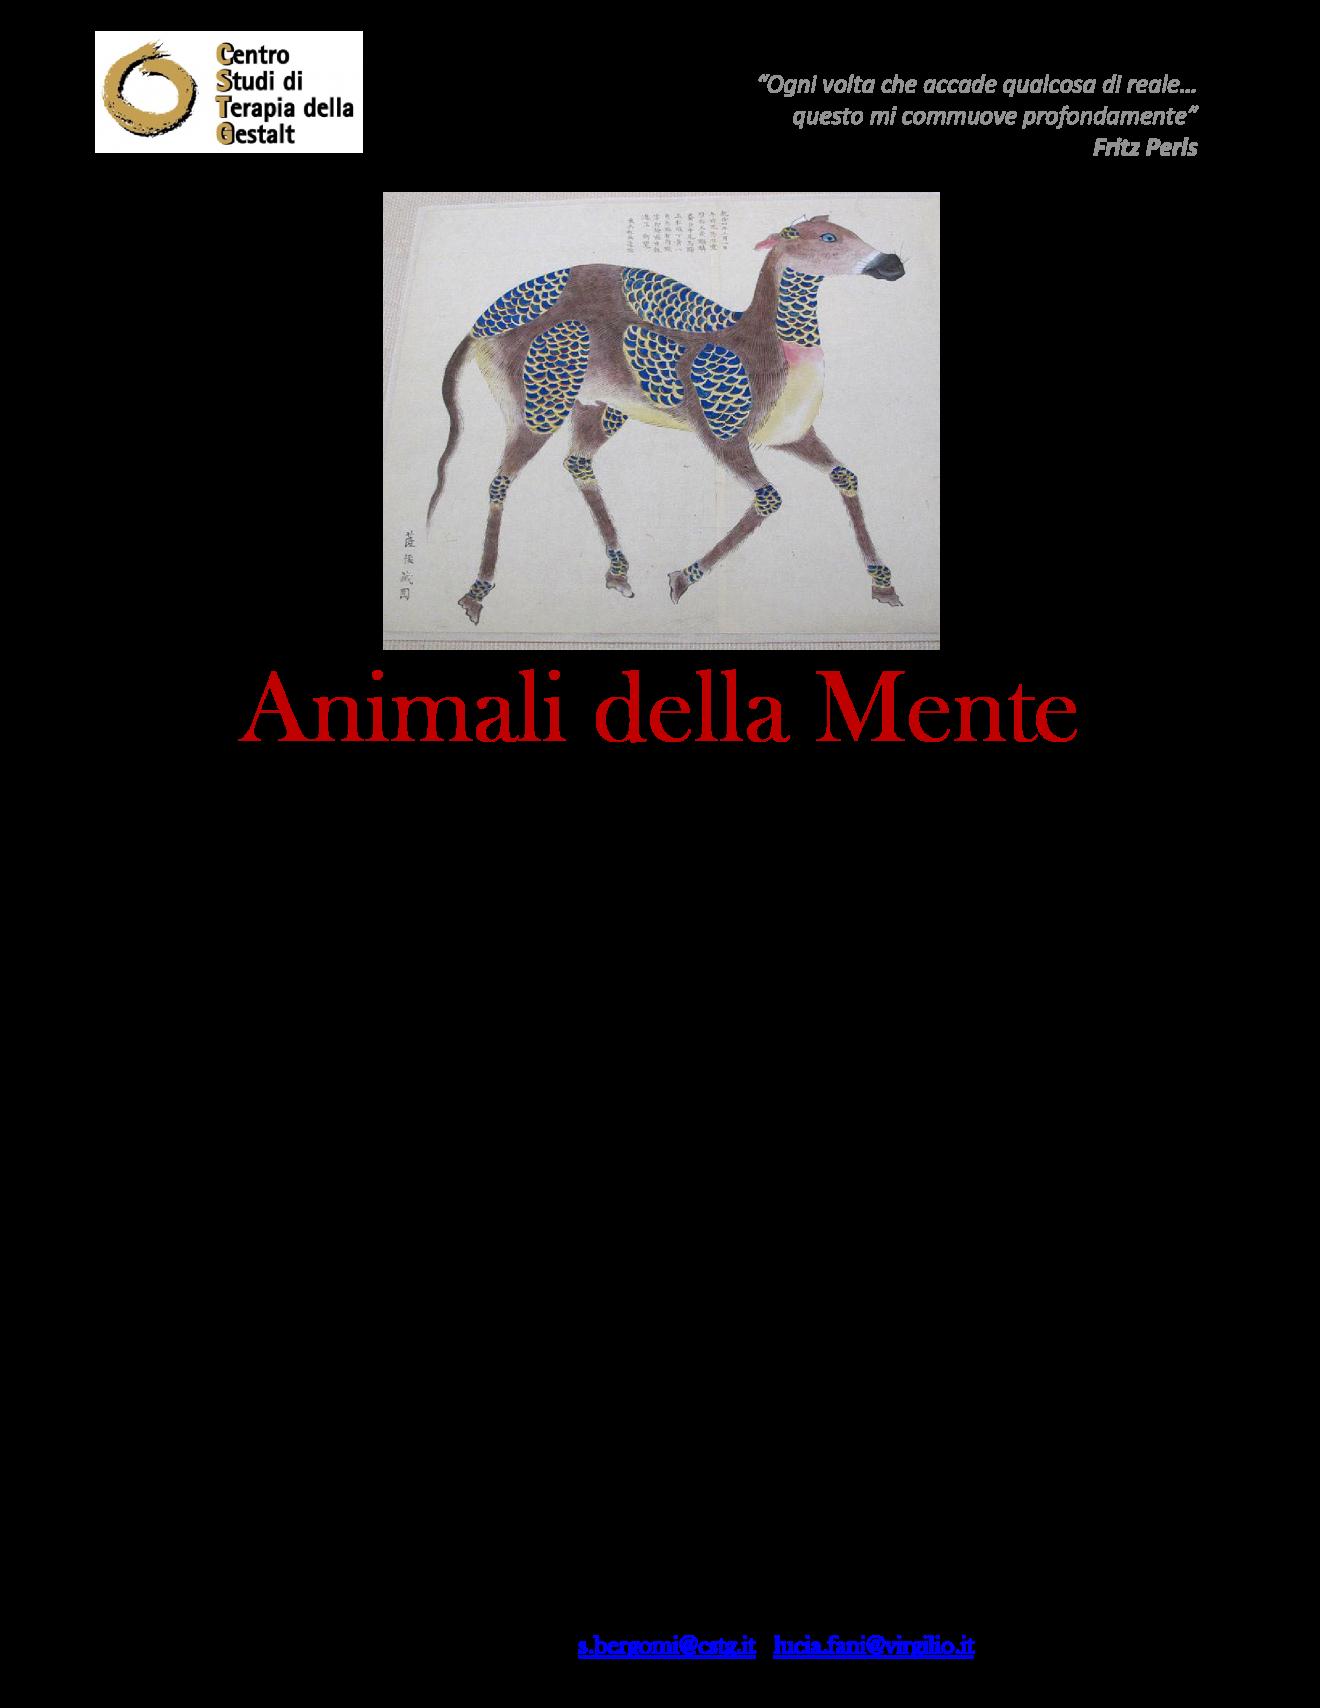 locandina ANIMALI DELLA MENTE